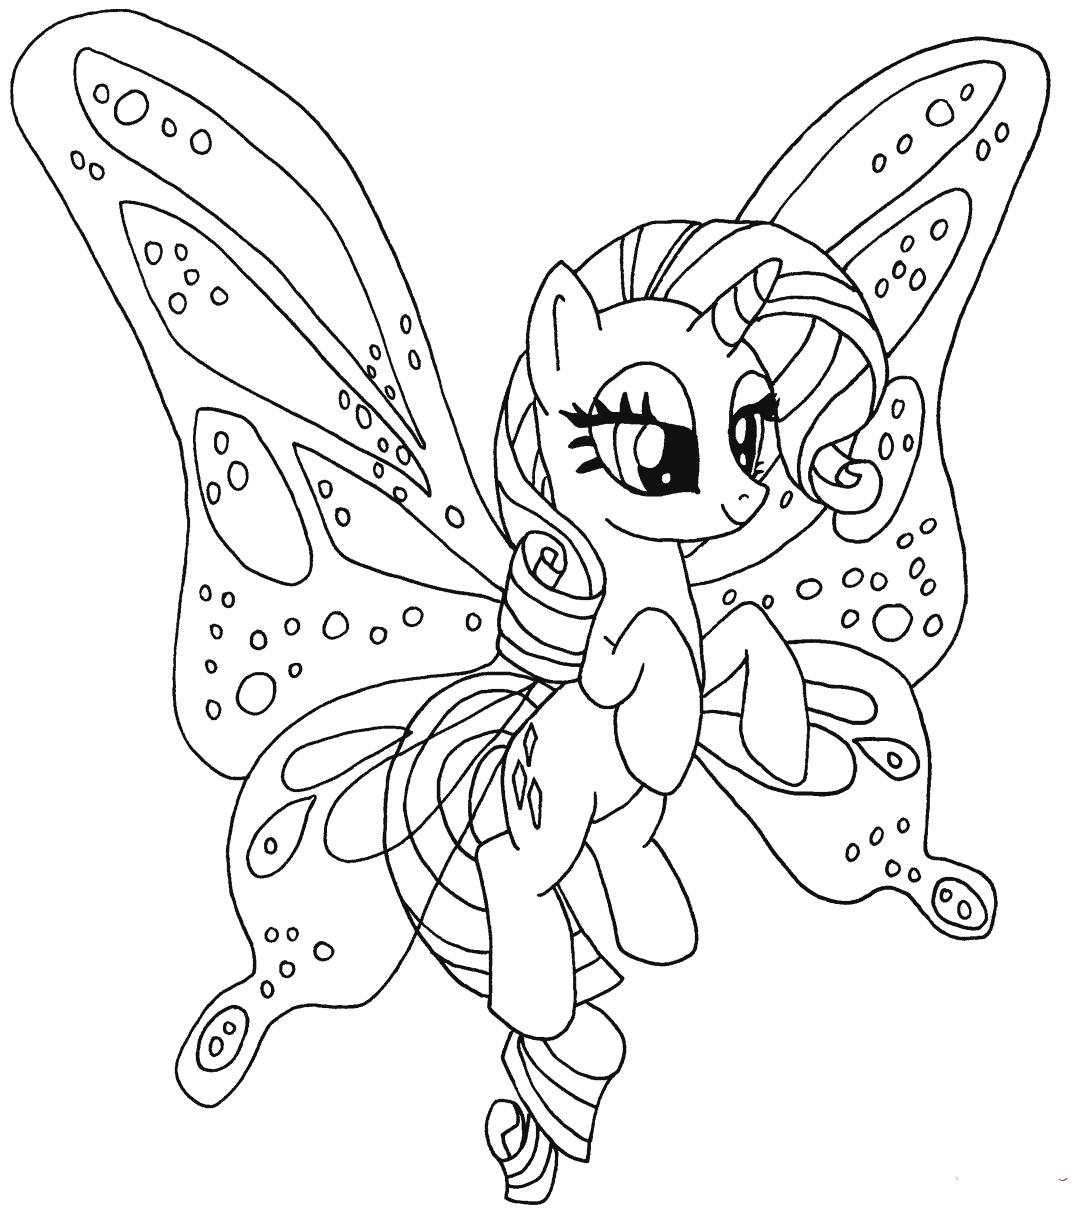 Hình tô màu chú ngựa Pony dễ thương